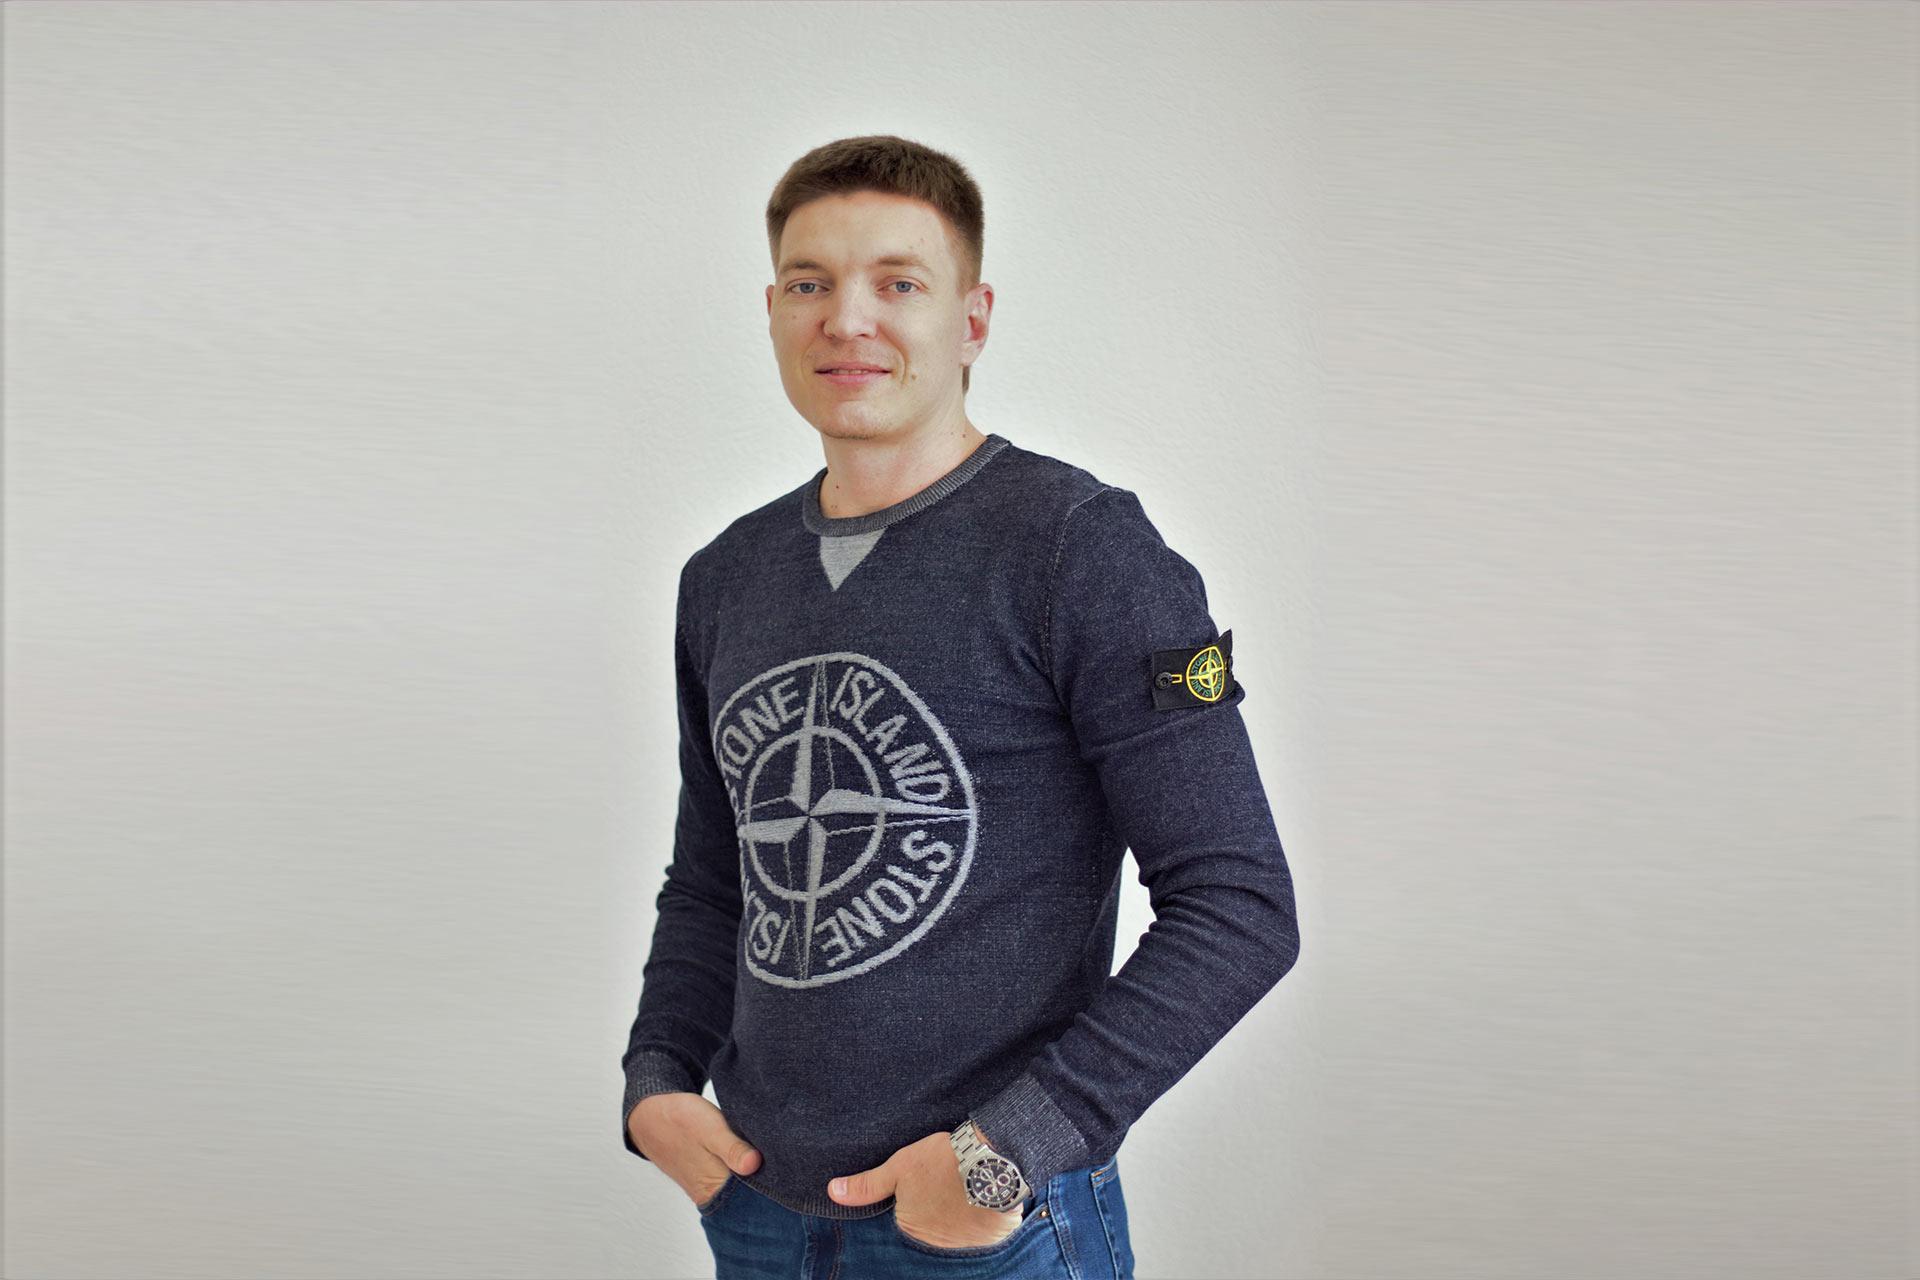 Кирилл Дюков, основатель 3 бизнес-проектов в сфере франчайзинга